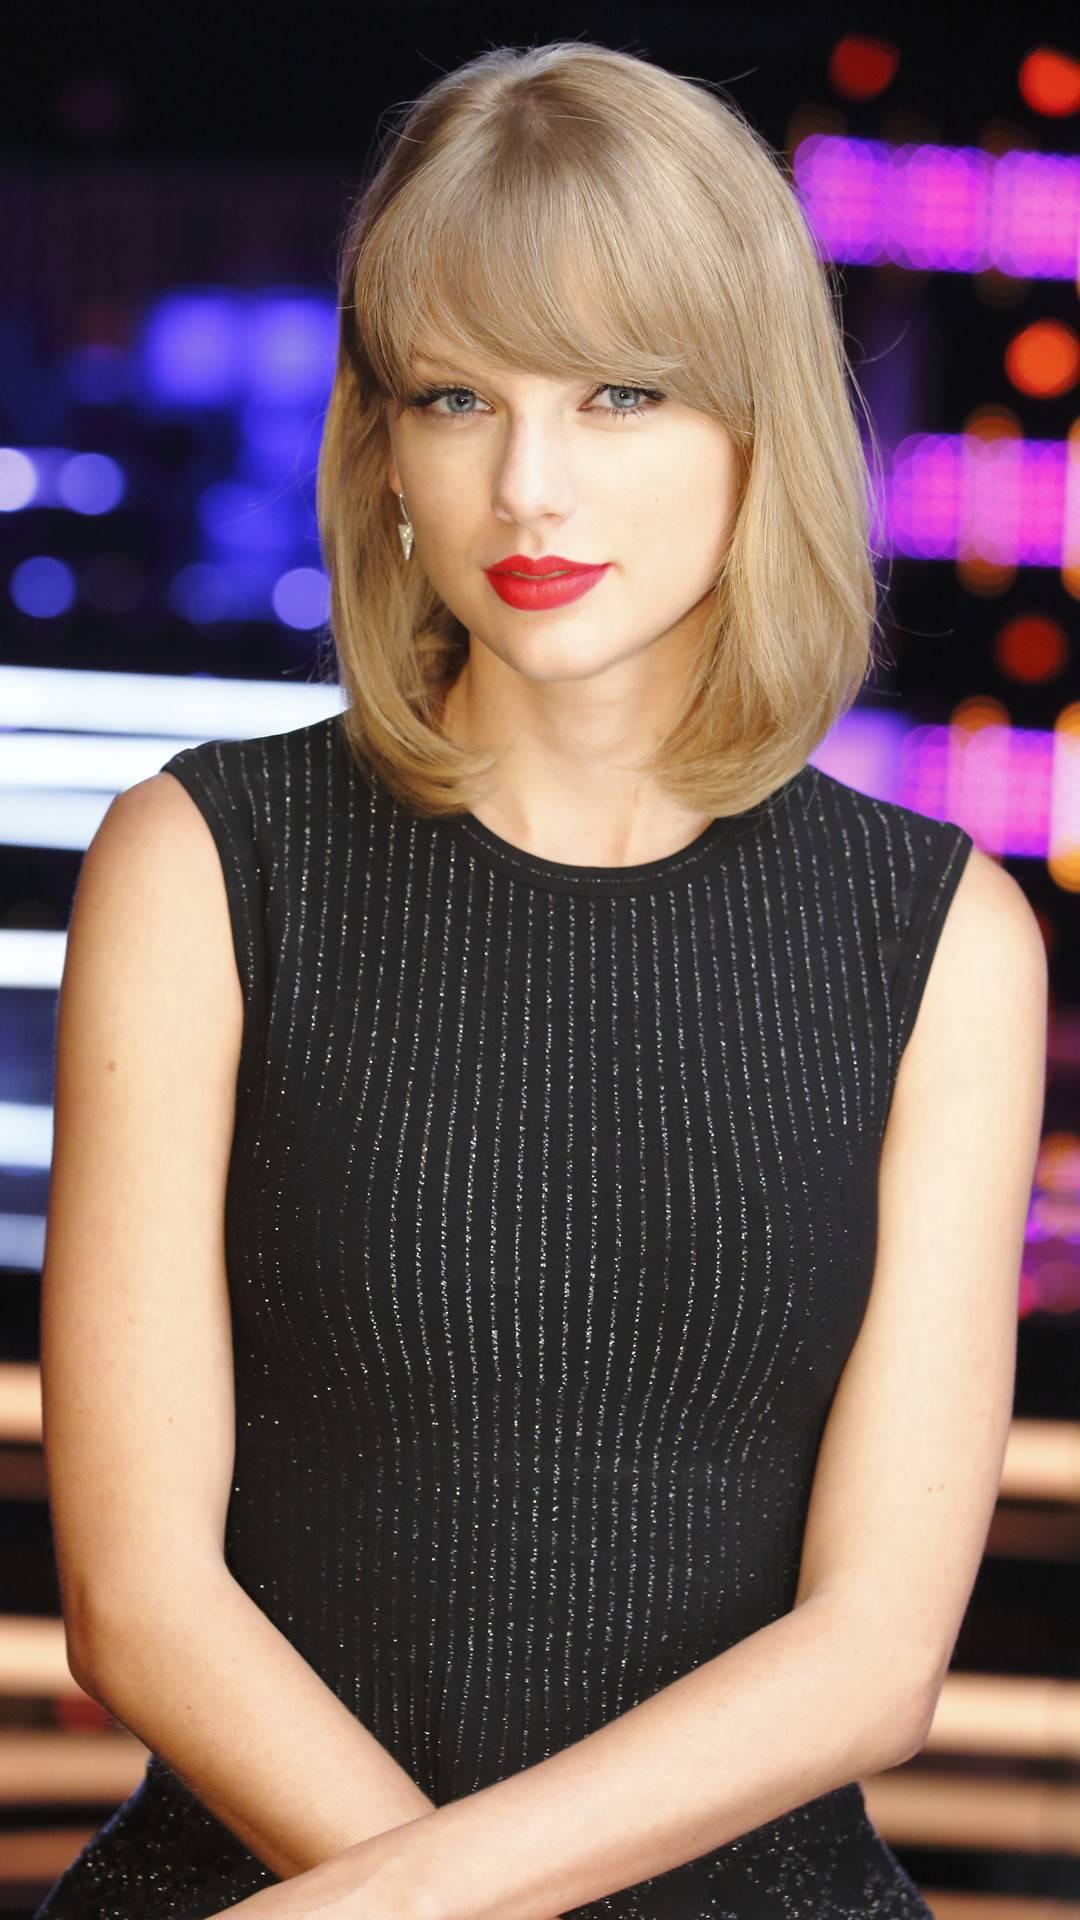 Taylor Swift - Katy Perry - Adele sẽ cùng xuất hiện trên một siêu sân khấu? 0